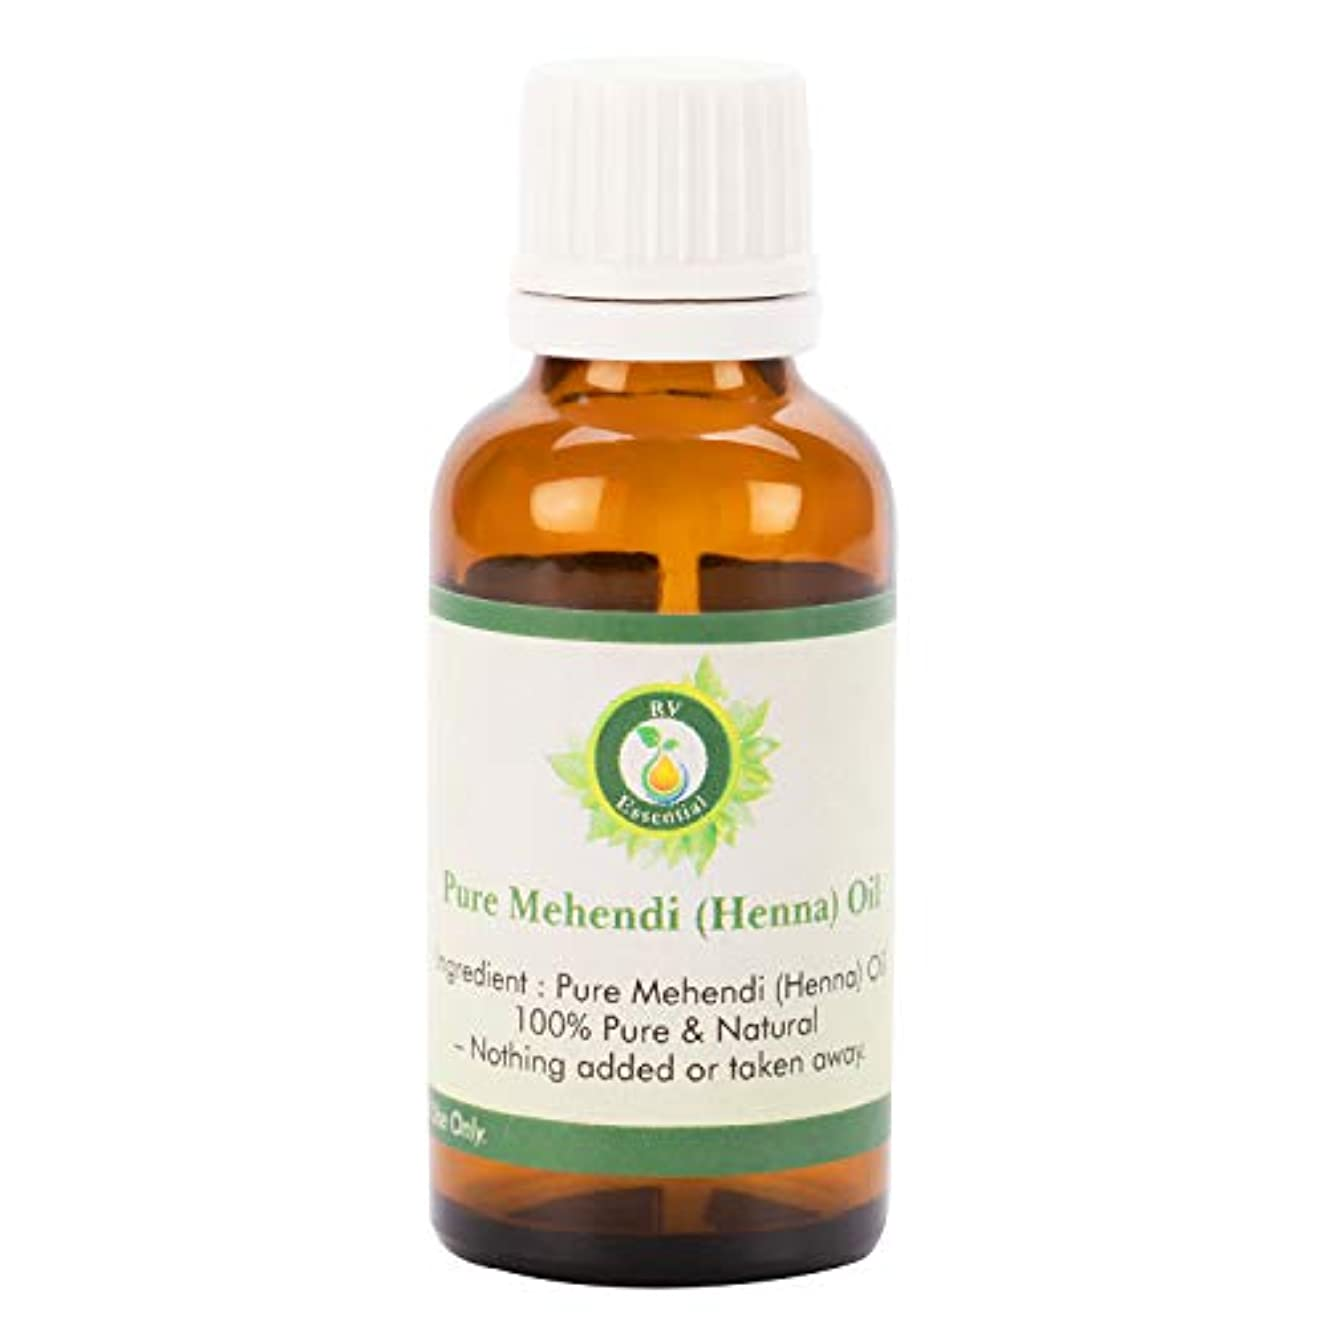 倉庫なくなる改修ピュアMehendi(ヘナ)オイル100ml (3.38oz)- (100%純粋でナチュラル) Pure Mehendi (Henna) Oil